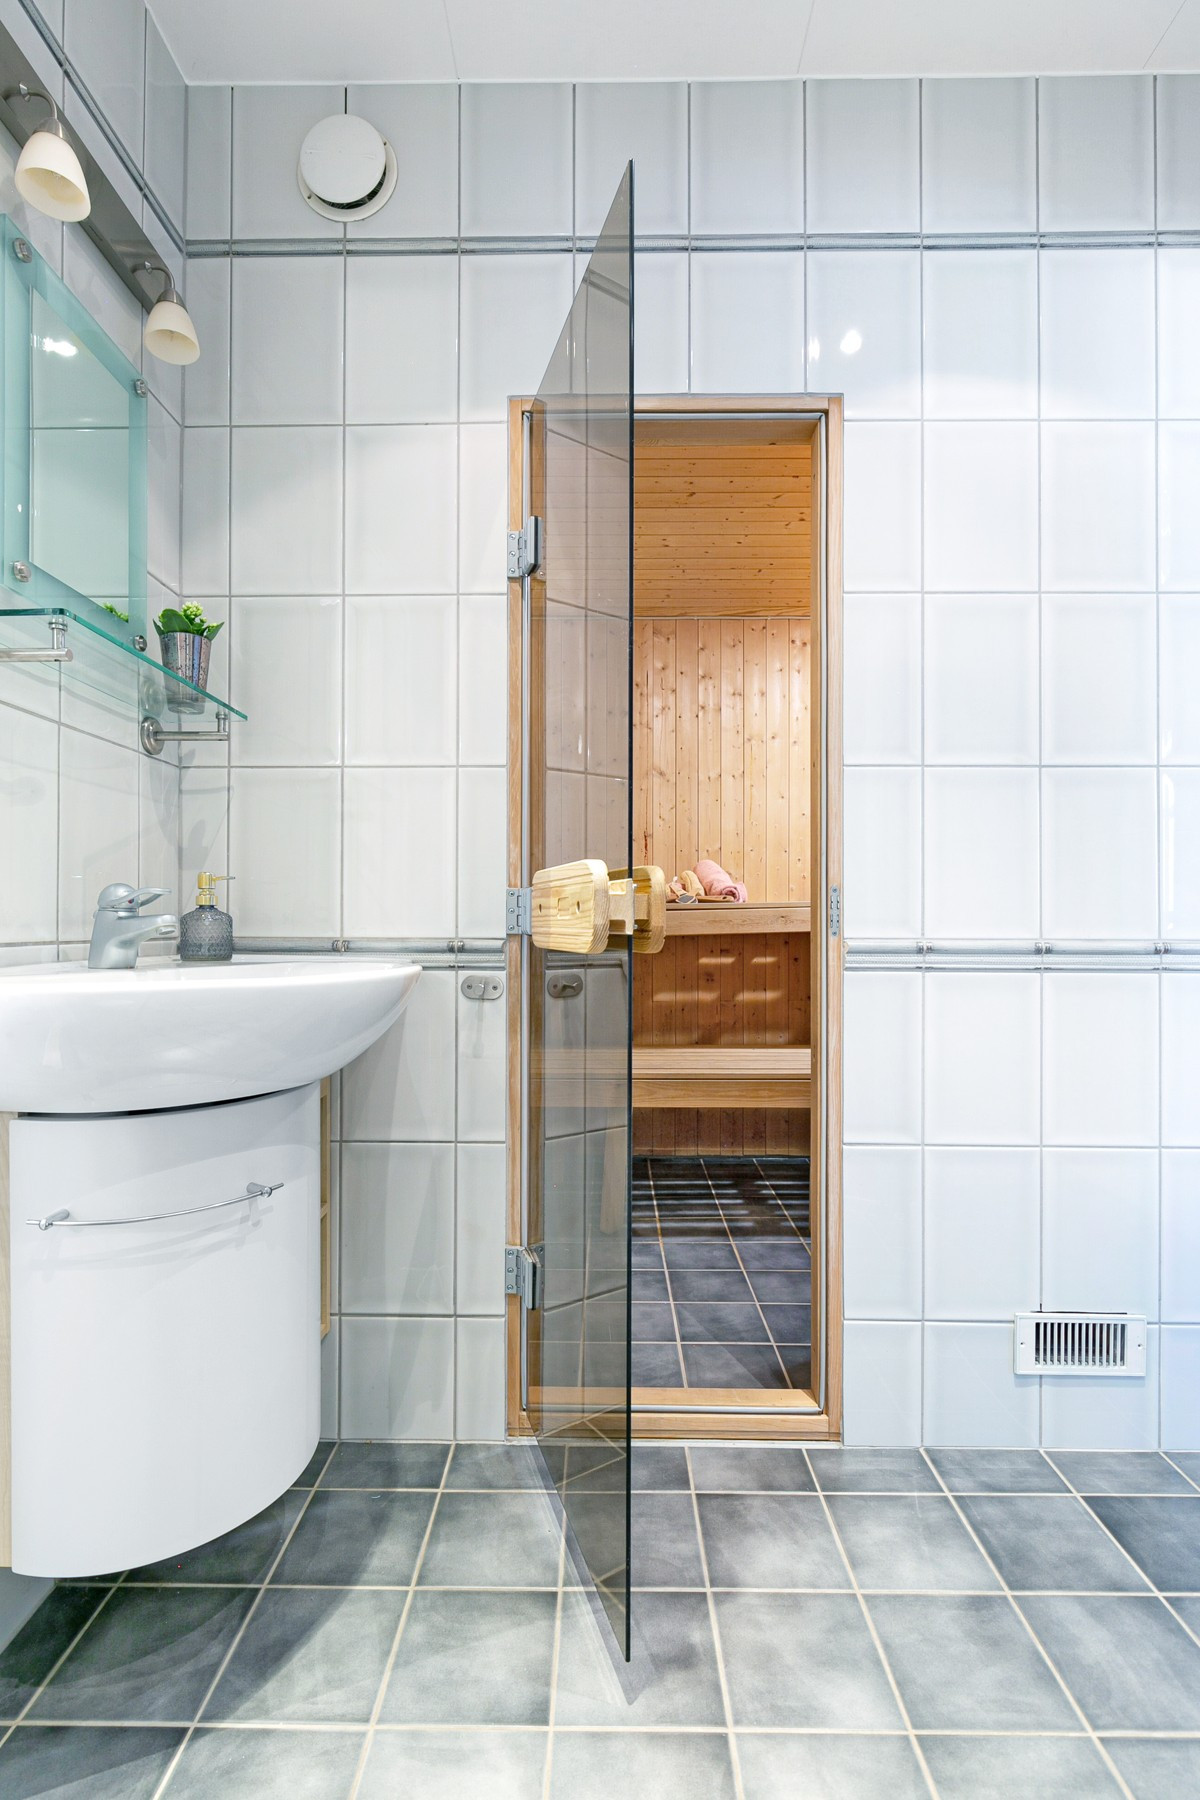 Glassdør inn til badstue